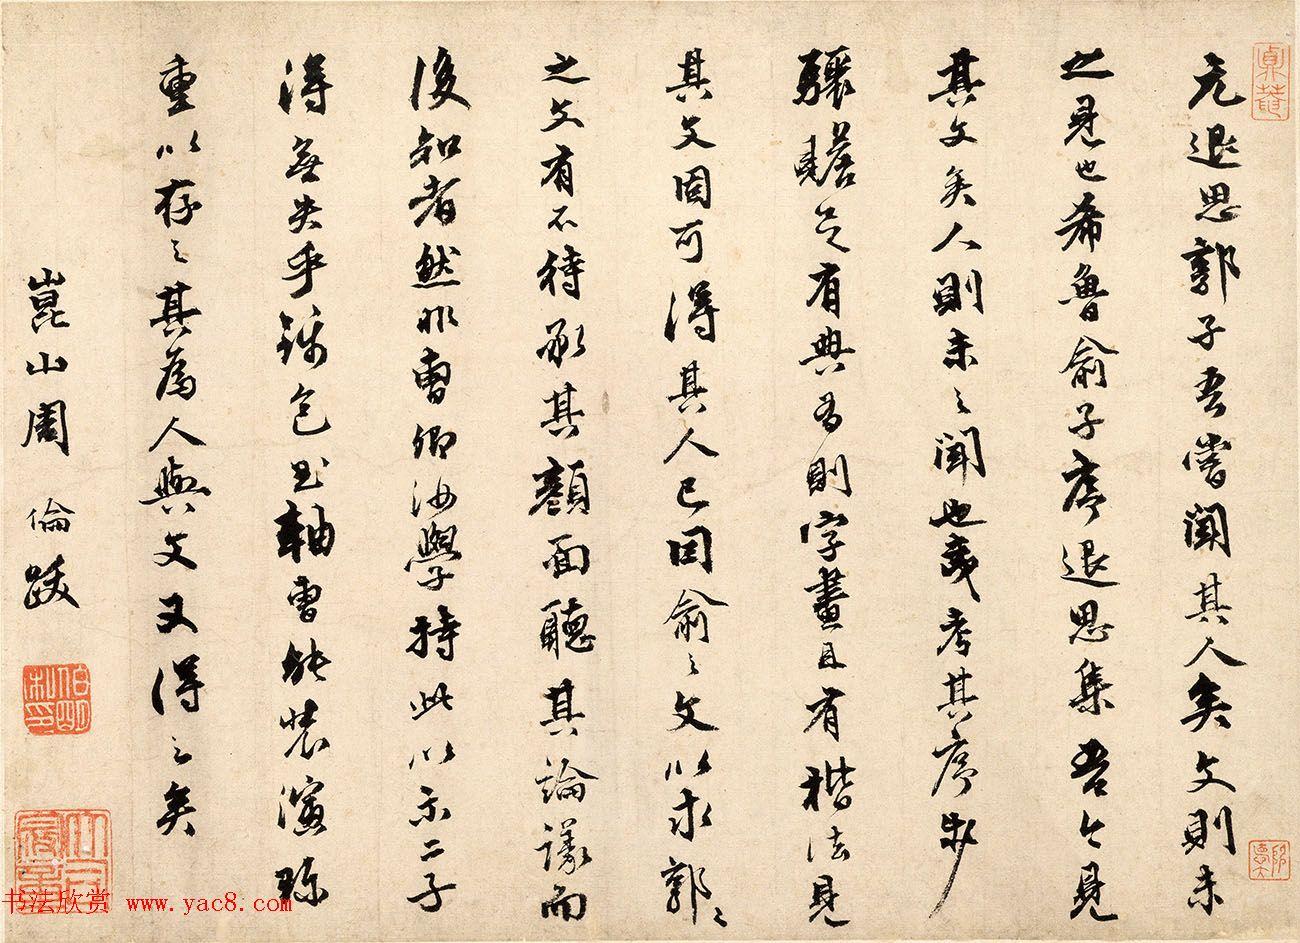 明朝南京刑部尚书周伦书法墨迹